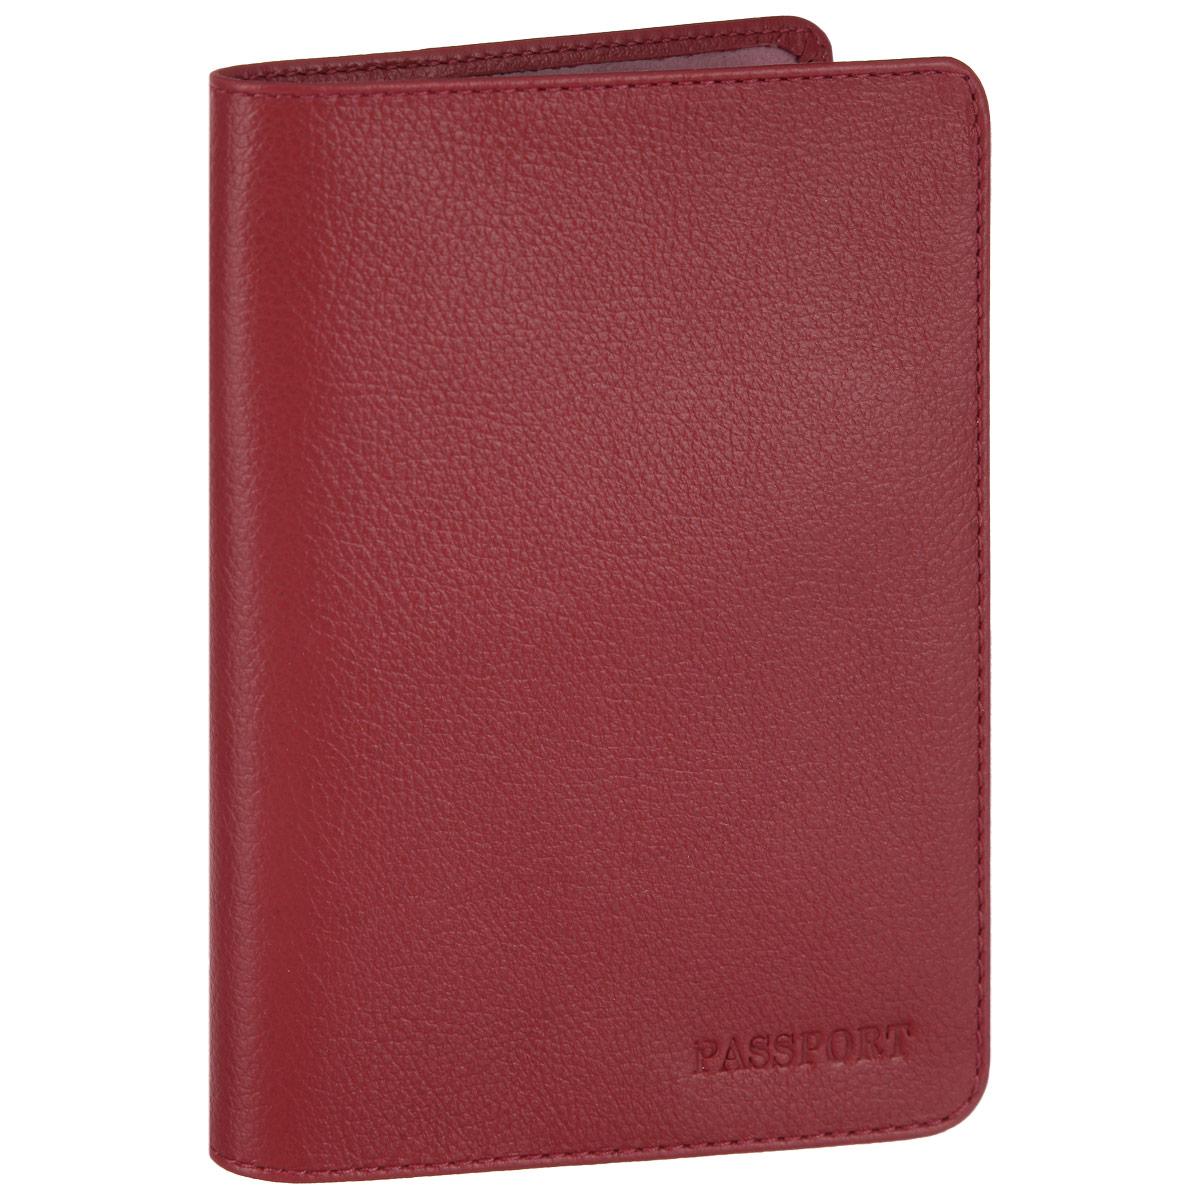 Обложка для паспорта Fabula, цвет: красный. O.53.FPBM8434-58AEСтильная обложка для паспорта Fabula выполнена из натуральной кожи с зернистой текстурой, оформлена надписью Passport. Обложка для паспорта раскладывается пополам, внутри расположены два пластиковых кармашка.Такая обложка для паспорта станет прекрасным и стильным подарком человеку, любящему оригинальные и практичные вещи.